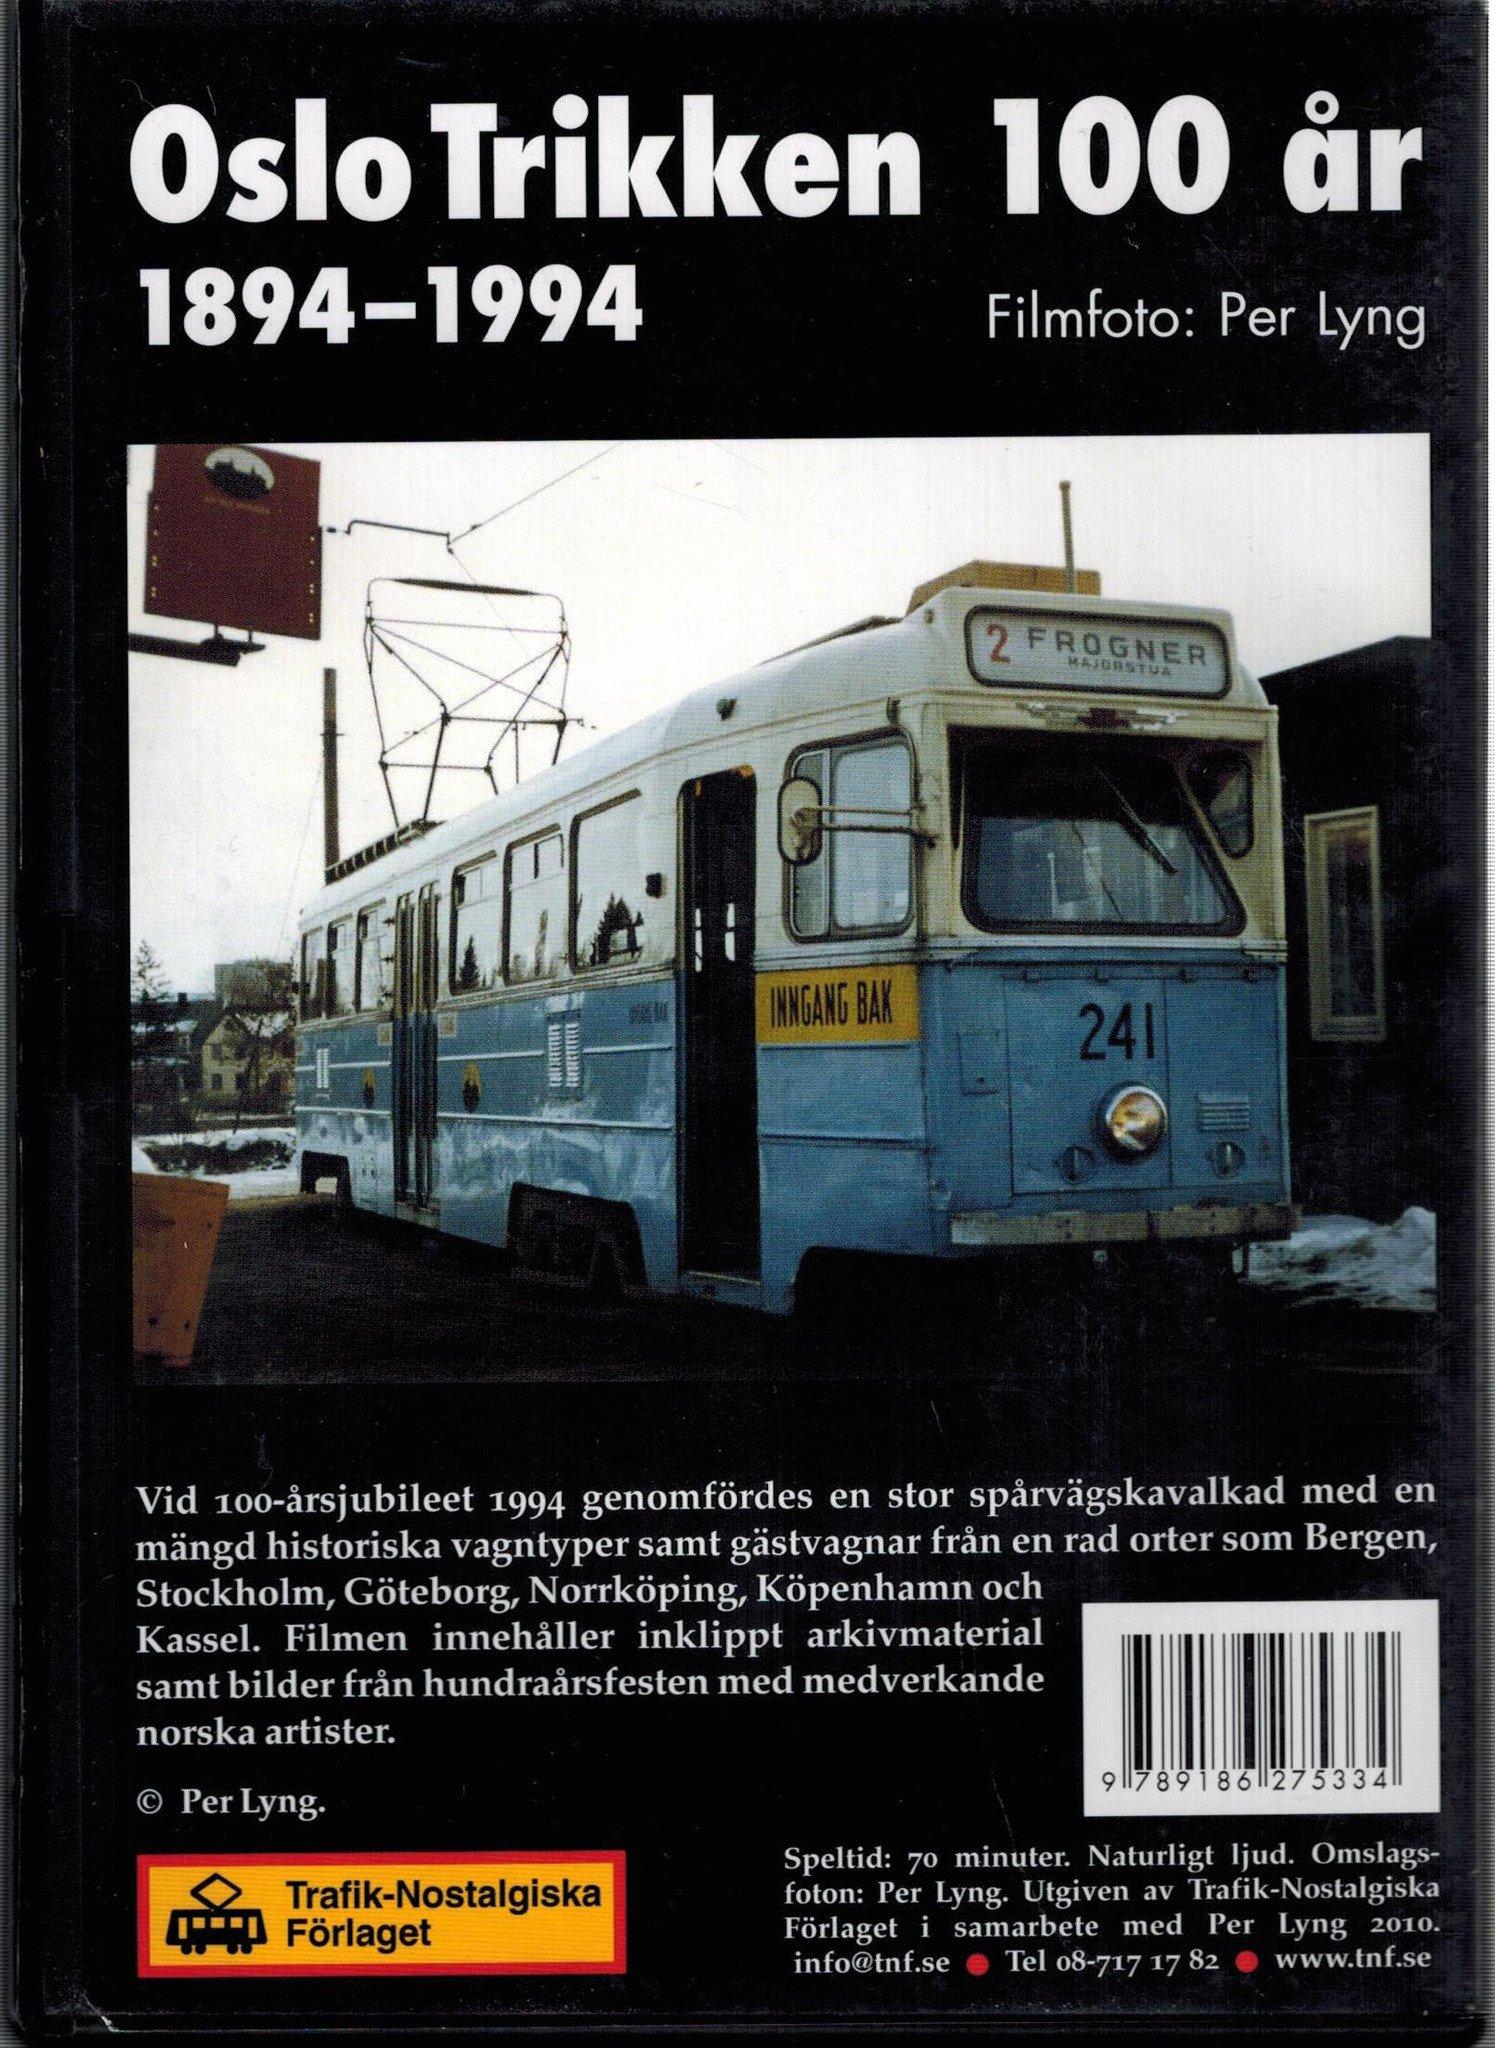 Oslotrikken 100 år - 1894 - 1994